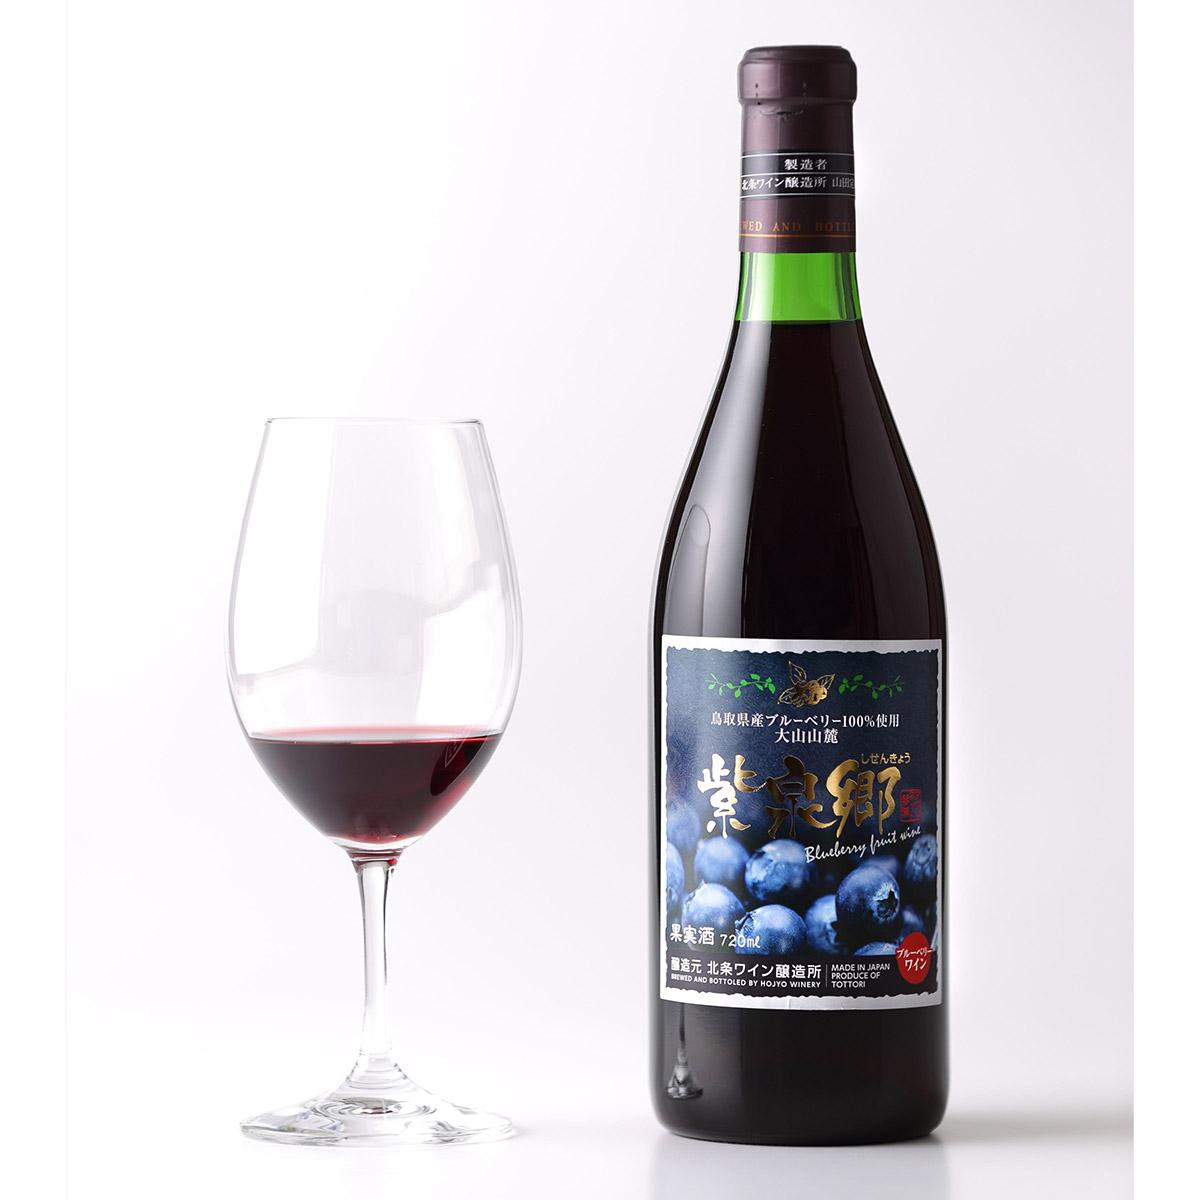 【ふるさと納税】ブルーベリーワイン「紫泉郷」